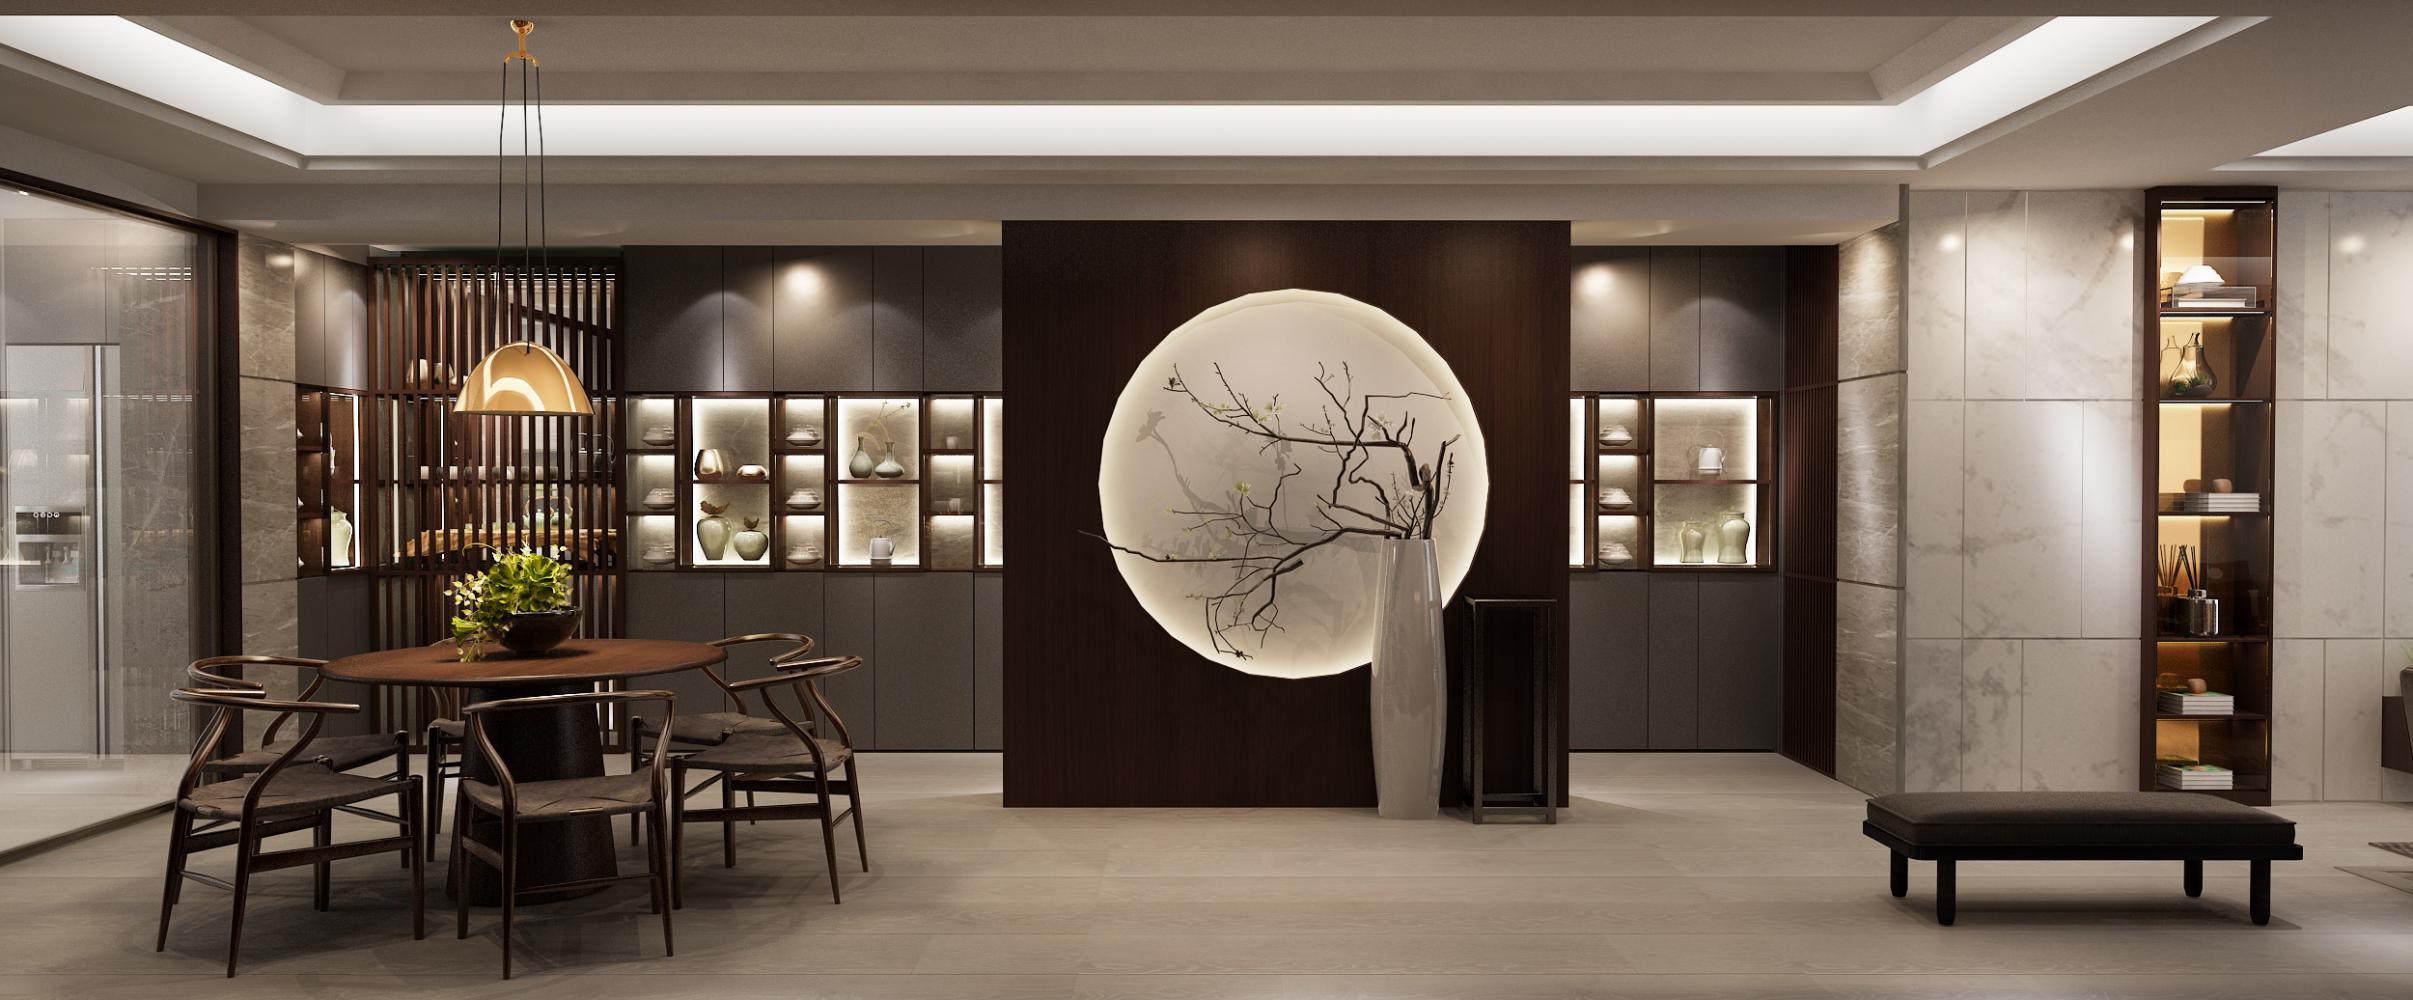 """入户的门厅设计太有中国中式的韵味了,除了柜子收纳的收藏品,那个""""月"""